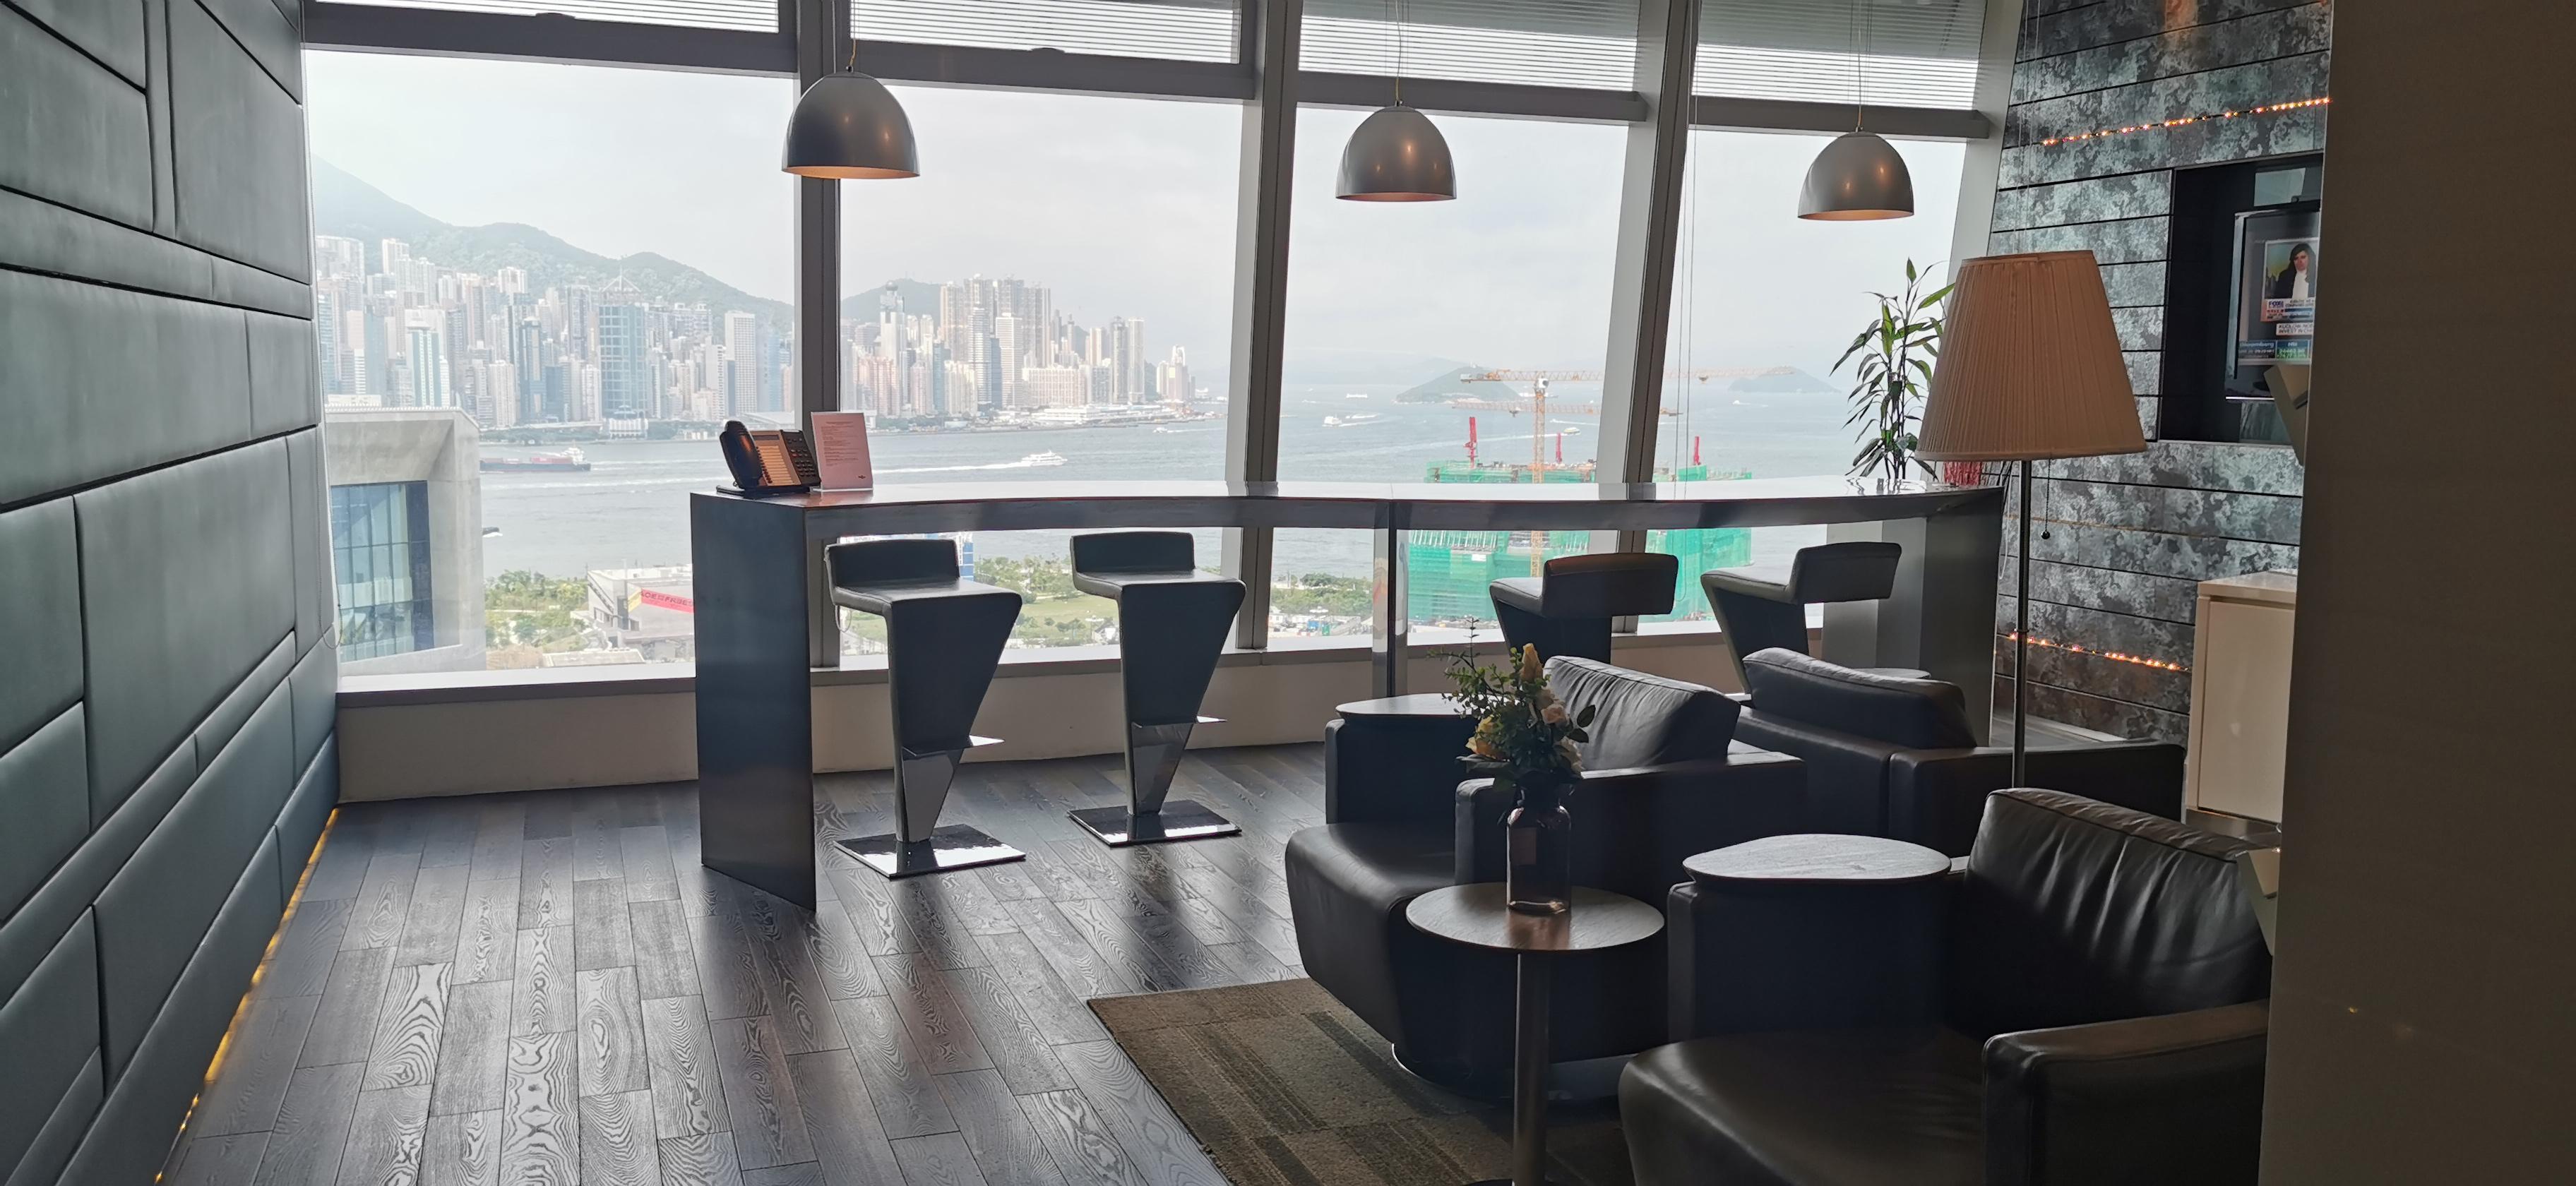 香港專業飛行員協會 ICC 辦公室